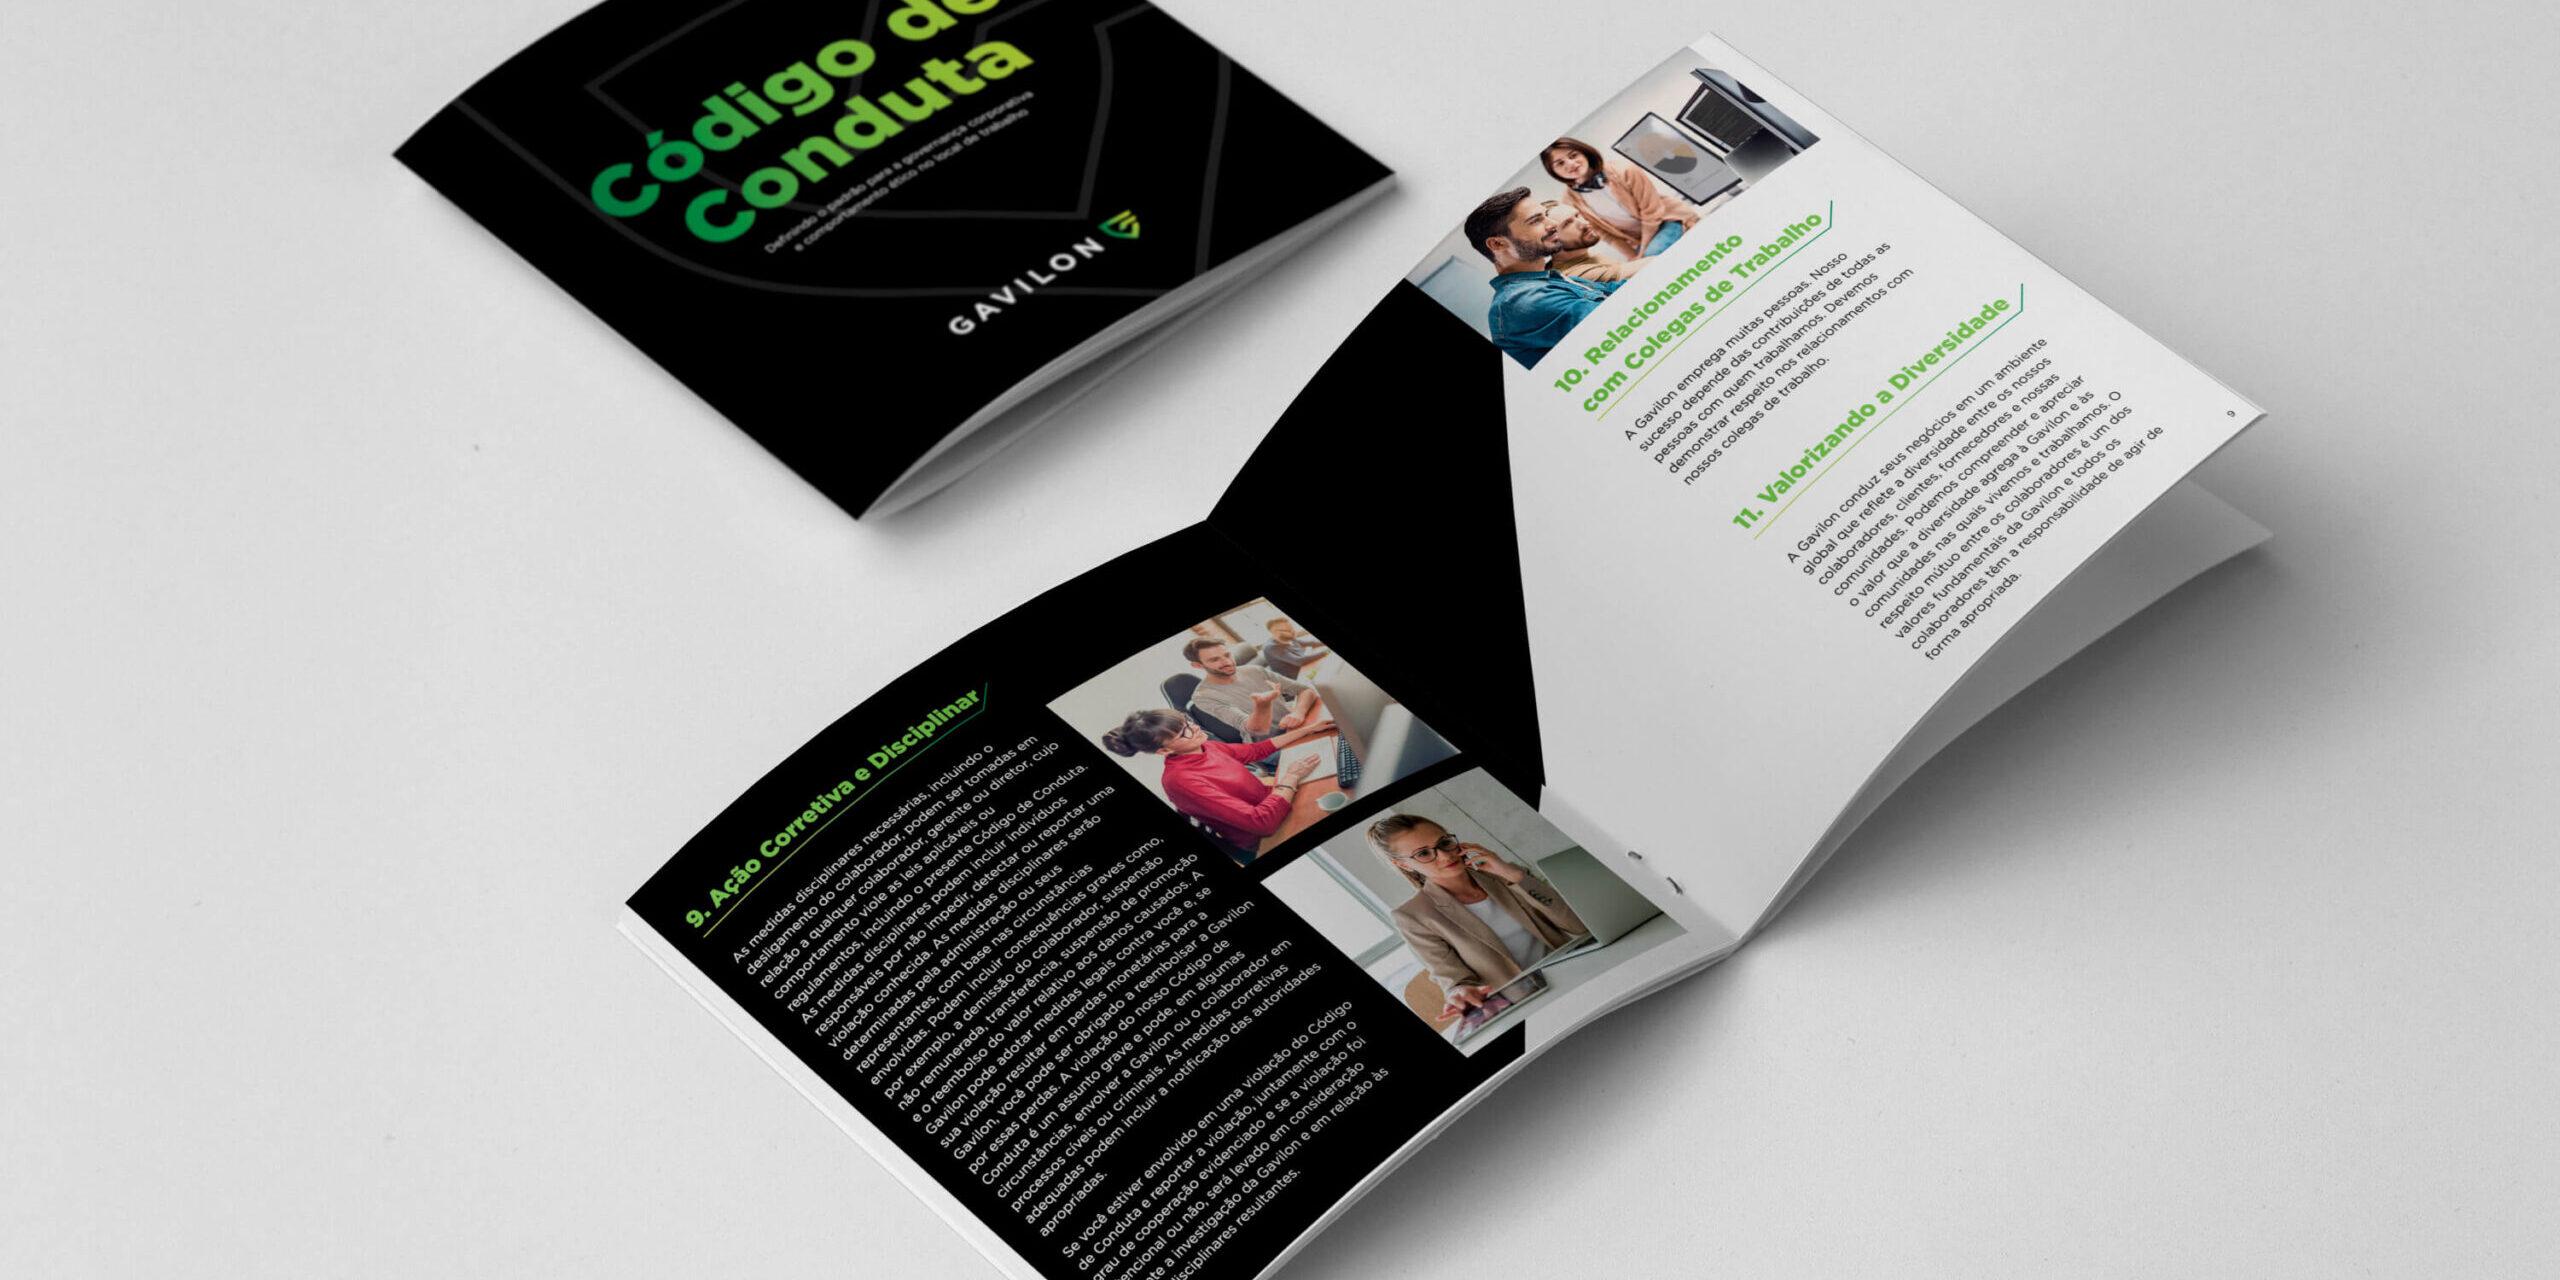 Campanha de Endo Gavilon - Código de conduta Scaled